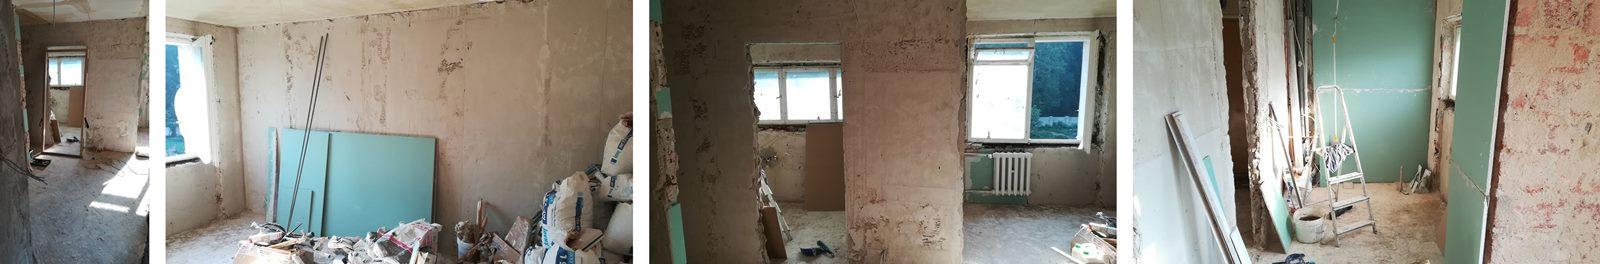 generalny remont mieszkania z prl 50m2 ile kosztuje jak przygotowac sie do remontu mieszkania w bloku